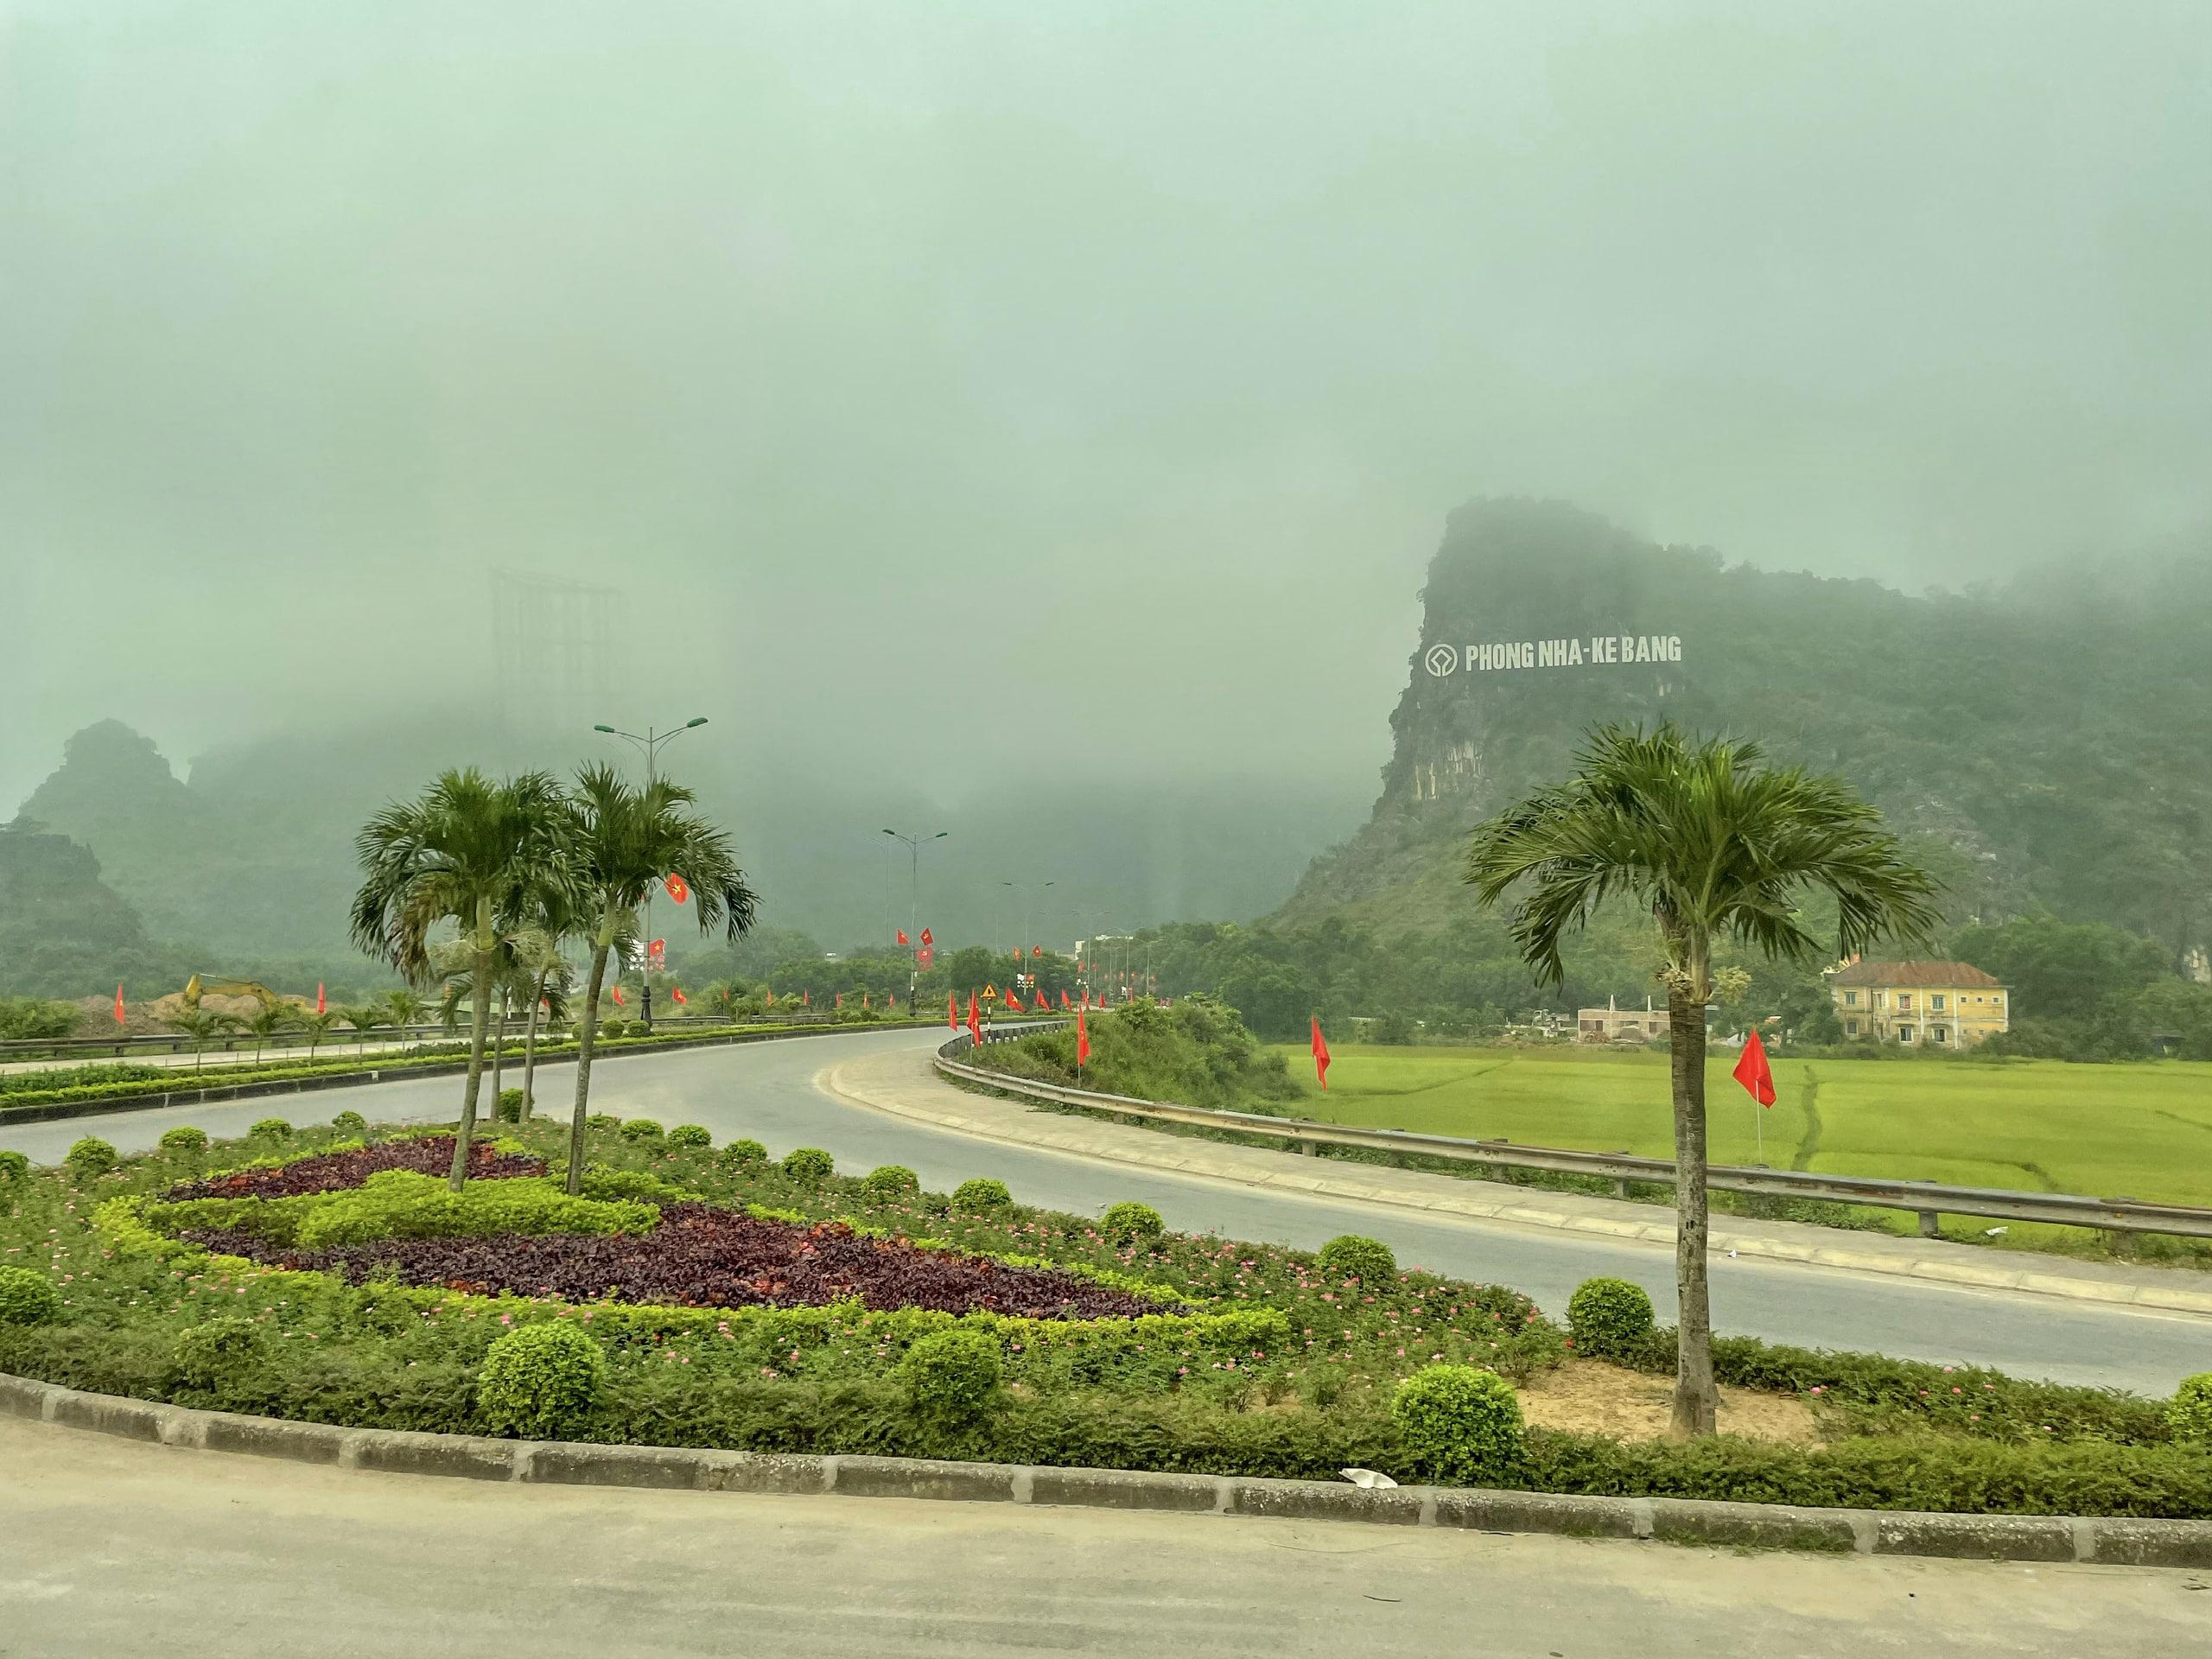 Con đường xanh mướt dẫn đến vườn quốc gia Phong Nha - Kẻ Bàng